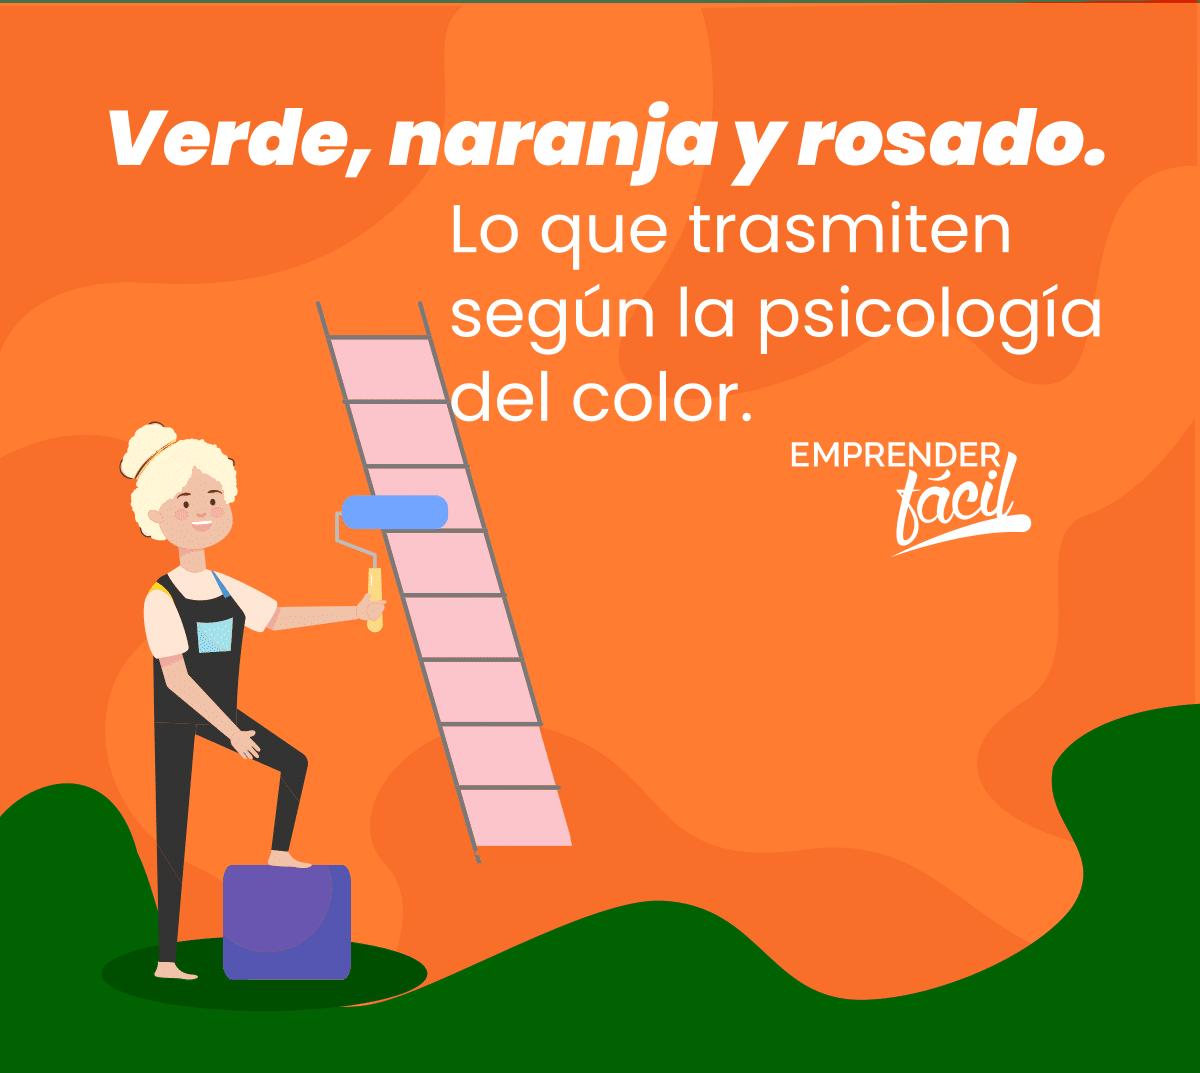 Psicología del color: verde, naranja y rosado.